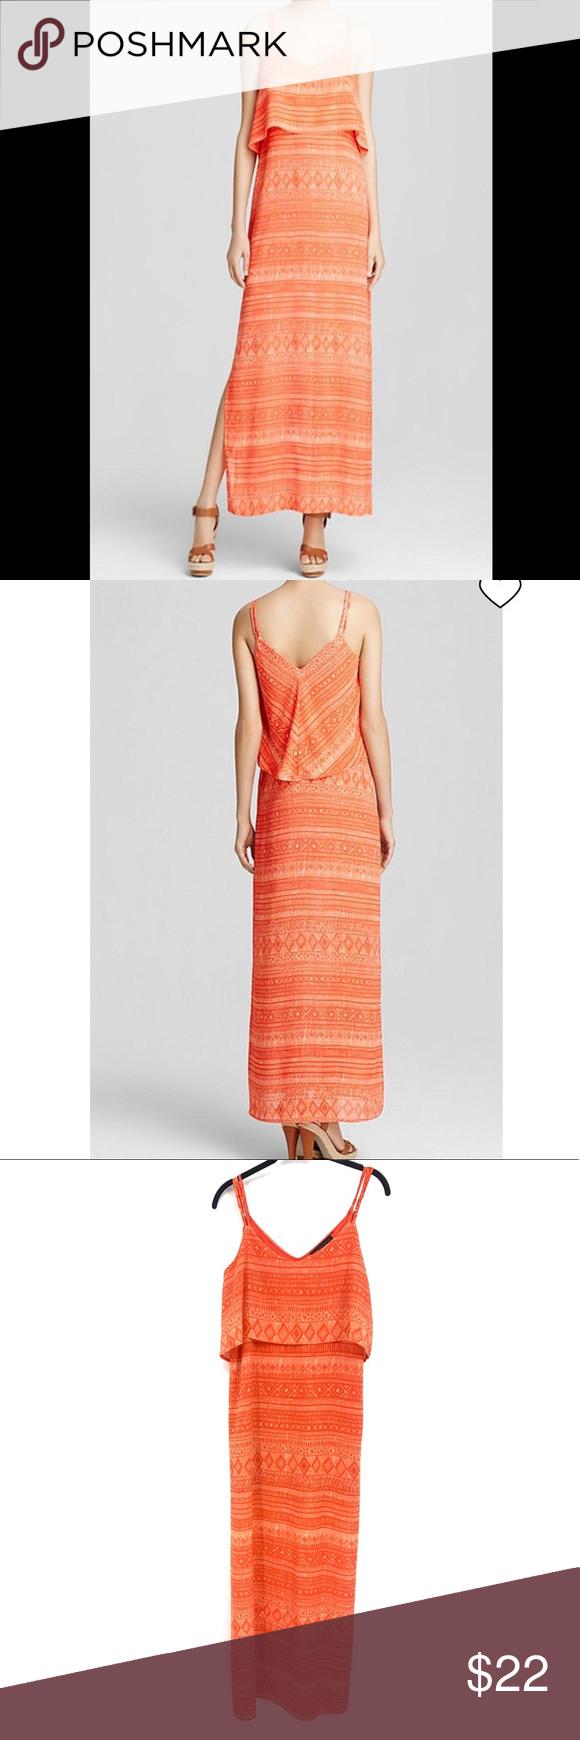 Sanctuary Orange Print Maxi Dress Geometric print maxi dress featuring a tiered ... 1